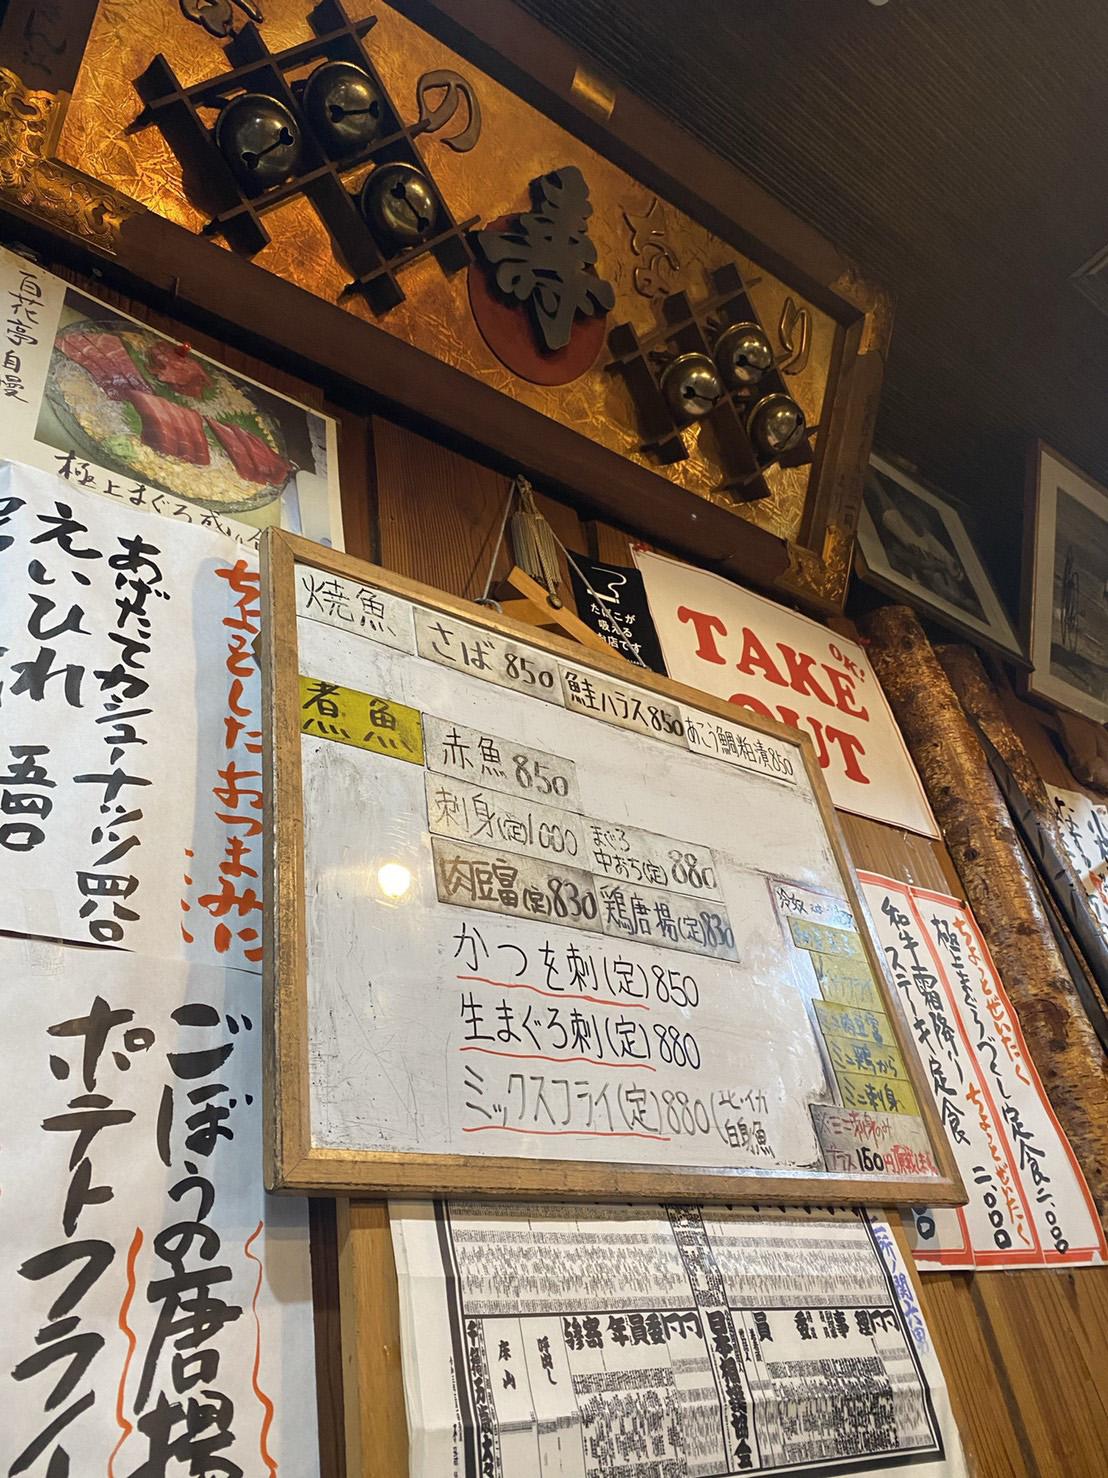 店内の壁に貼られたメニューの写真